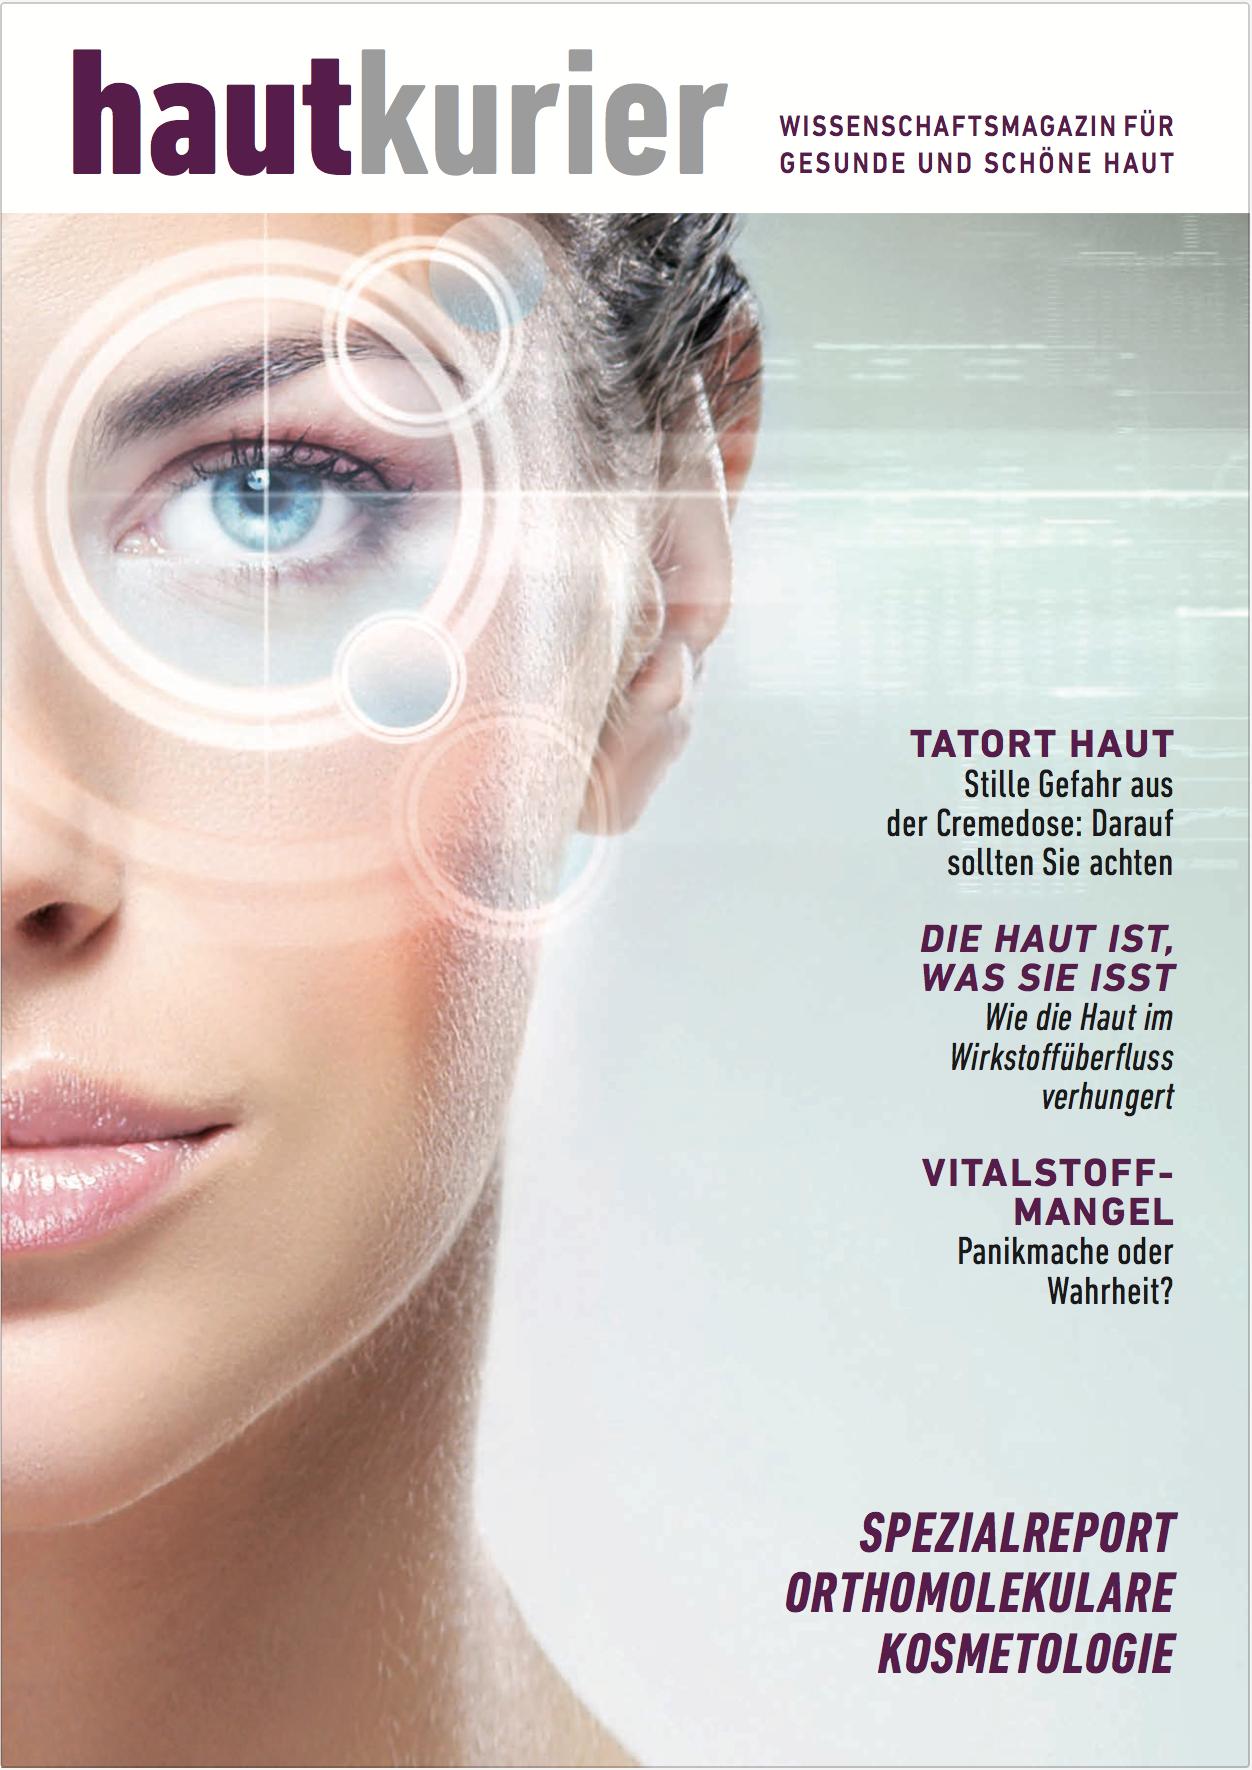 Wir empfehlen Ihnen einen Blick in unser neues Magazin Hautkurier – dem neuen Medium für natürlich schöne Haut. -